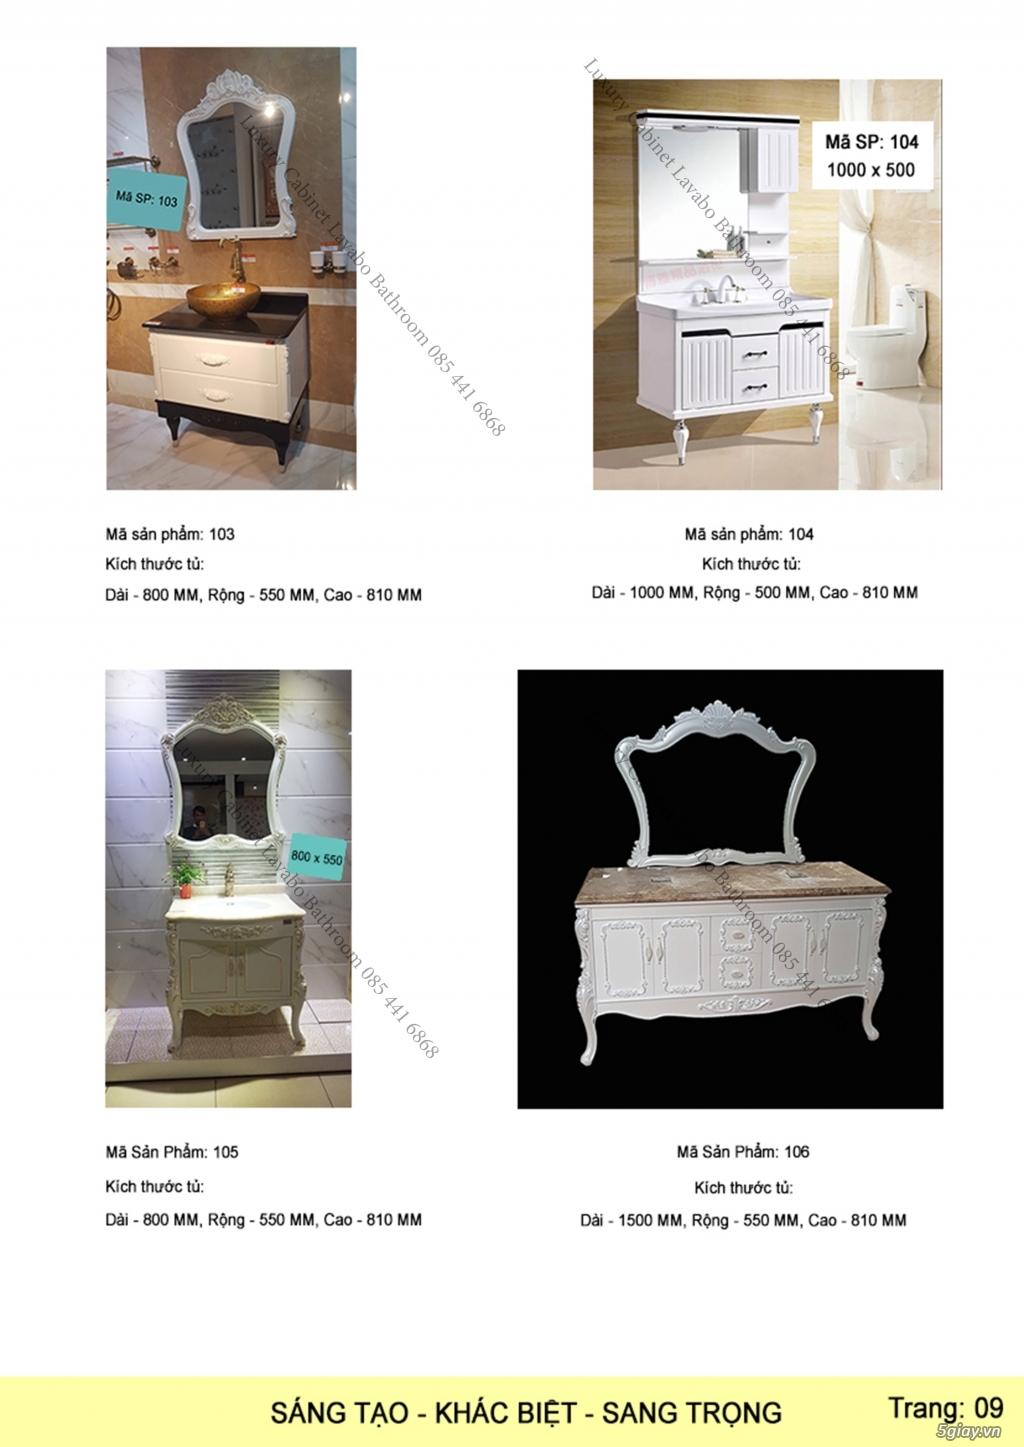 Bán tủ chậu lavabo tân cổ điển, hiện đại, tủ chậu mặt đá phòng tắm - 10